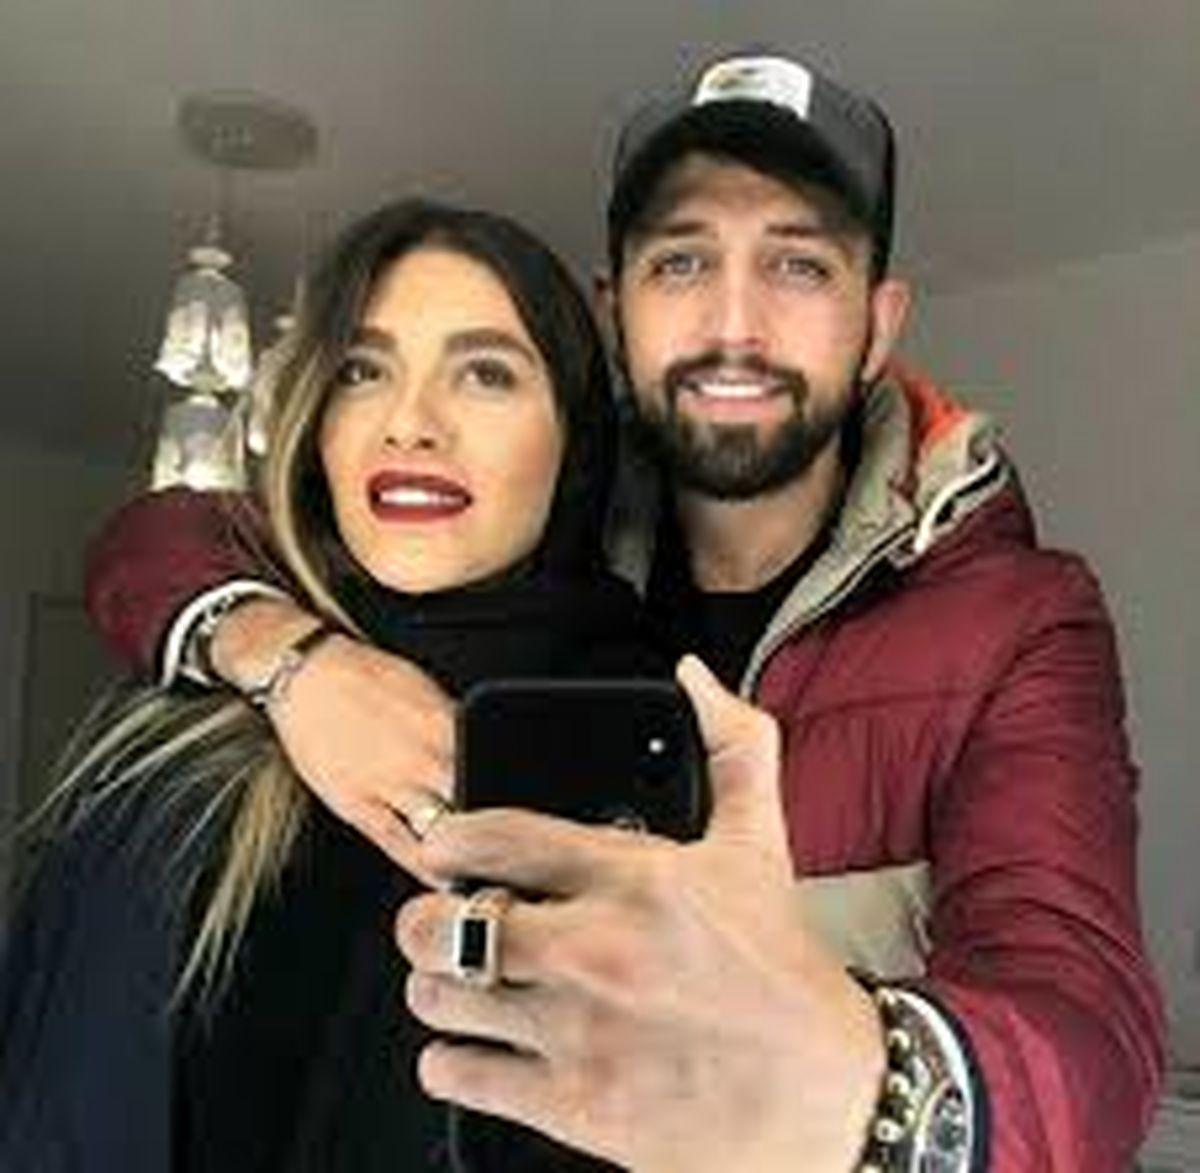 محسن افشانی ویدیوی رقص همسرش را منتشر کرد + فیلم دیده نشده